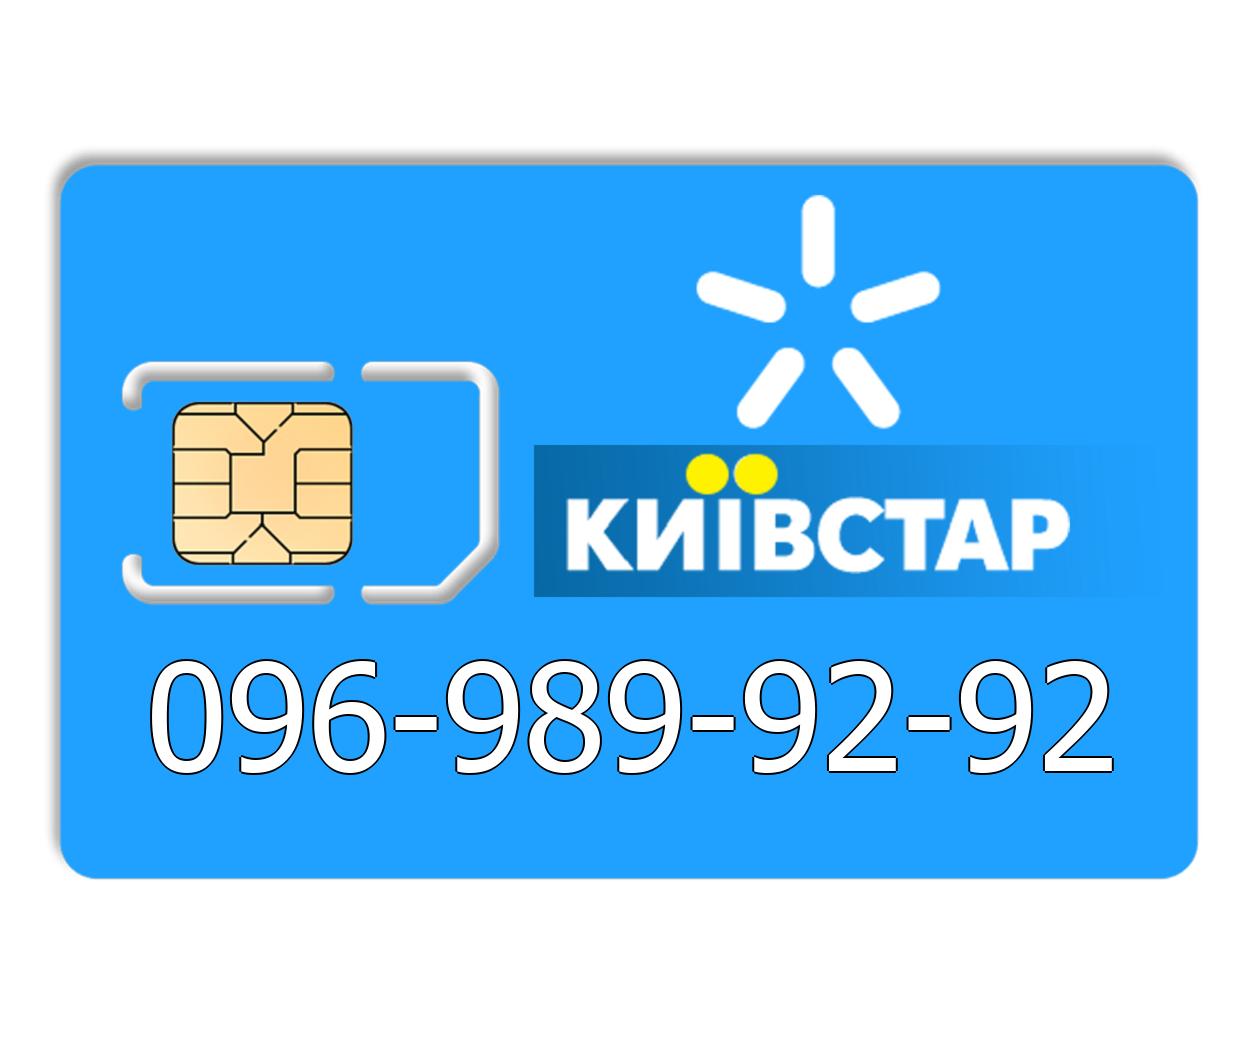 Красивый номер Киевстар 096-989-92-92